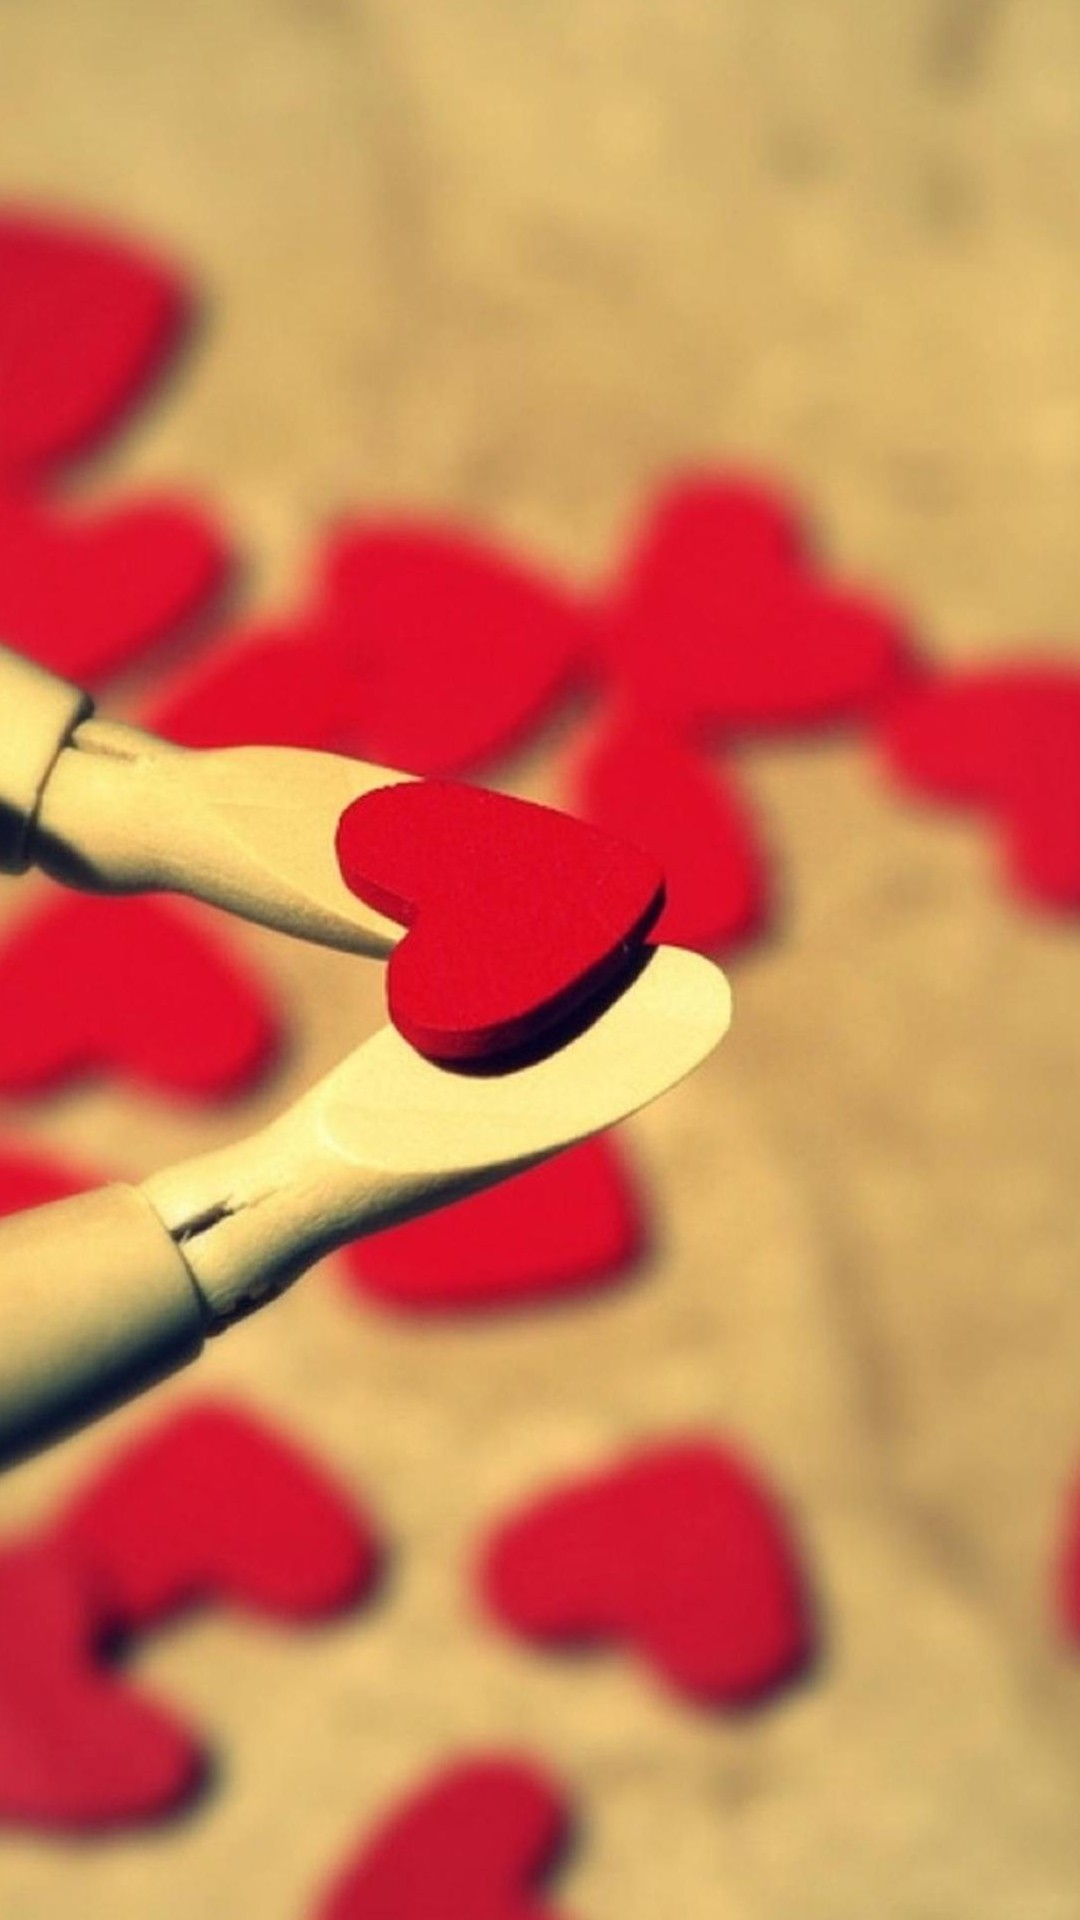 Love Heart Hd Wallpaper For Mobile - Best Love Wallpaper Hd For Mobile - HD Wallpaper